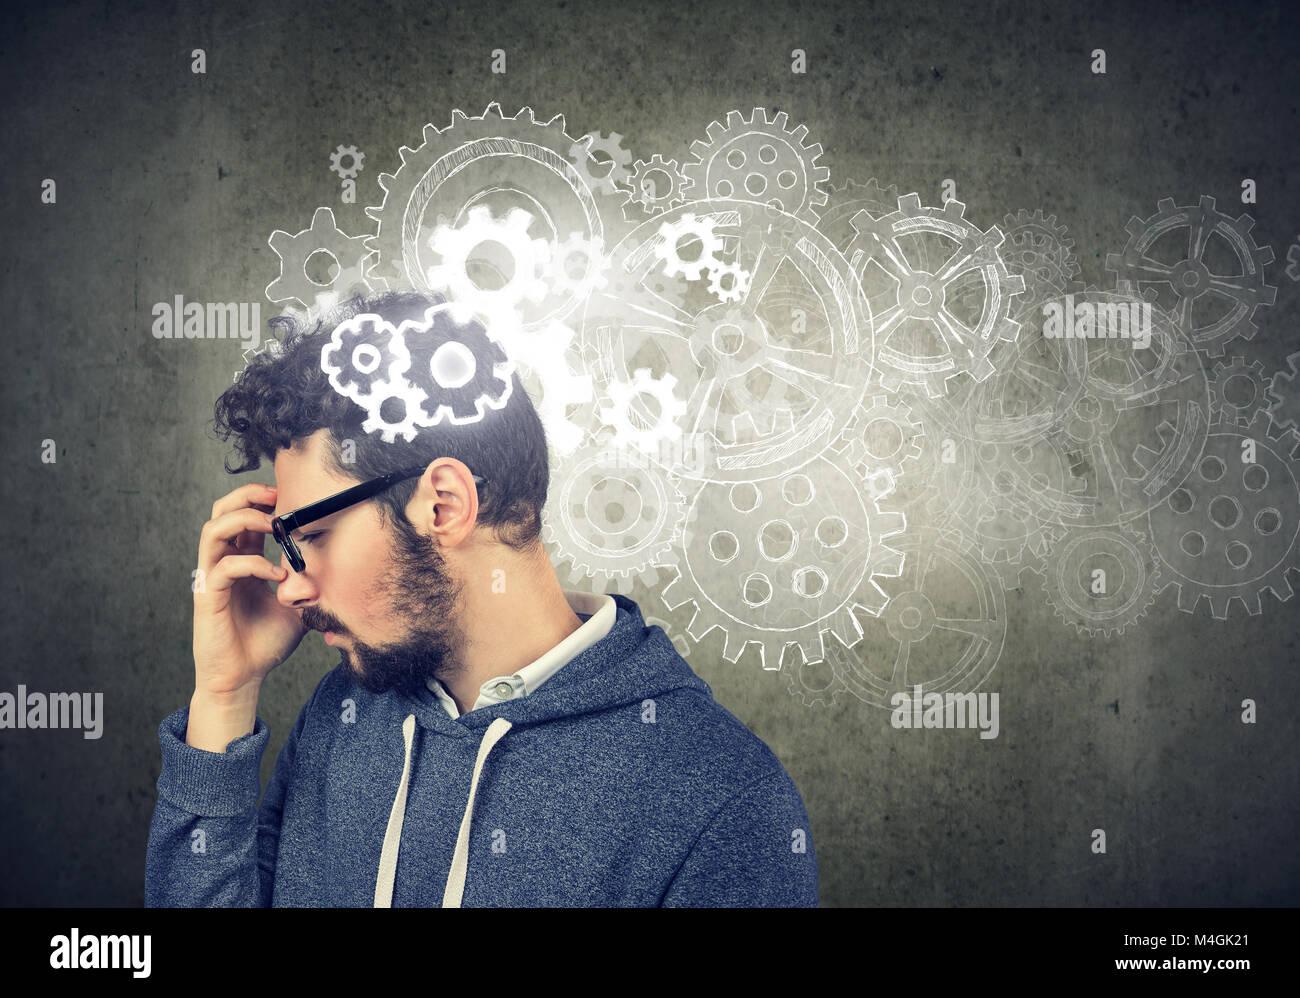 Pensativo joven buscando una solución con mecanismos de engranajes sobre su cabeza Imagen De Stock